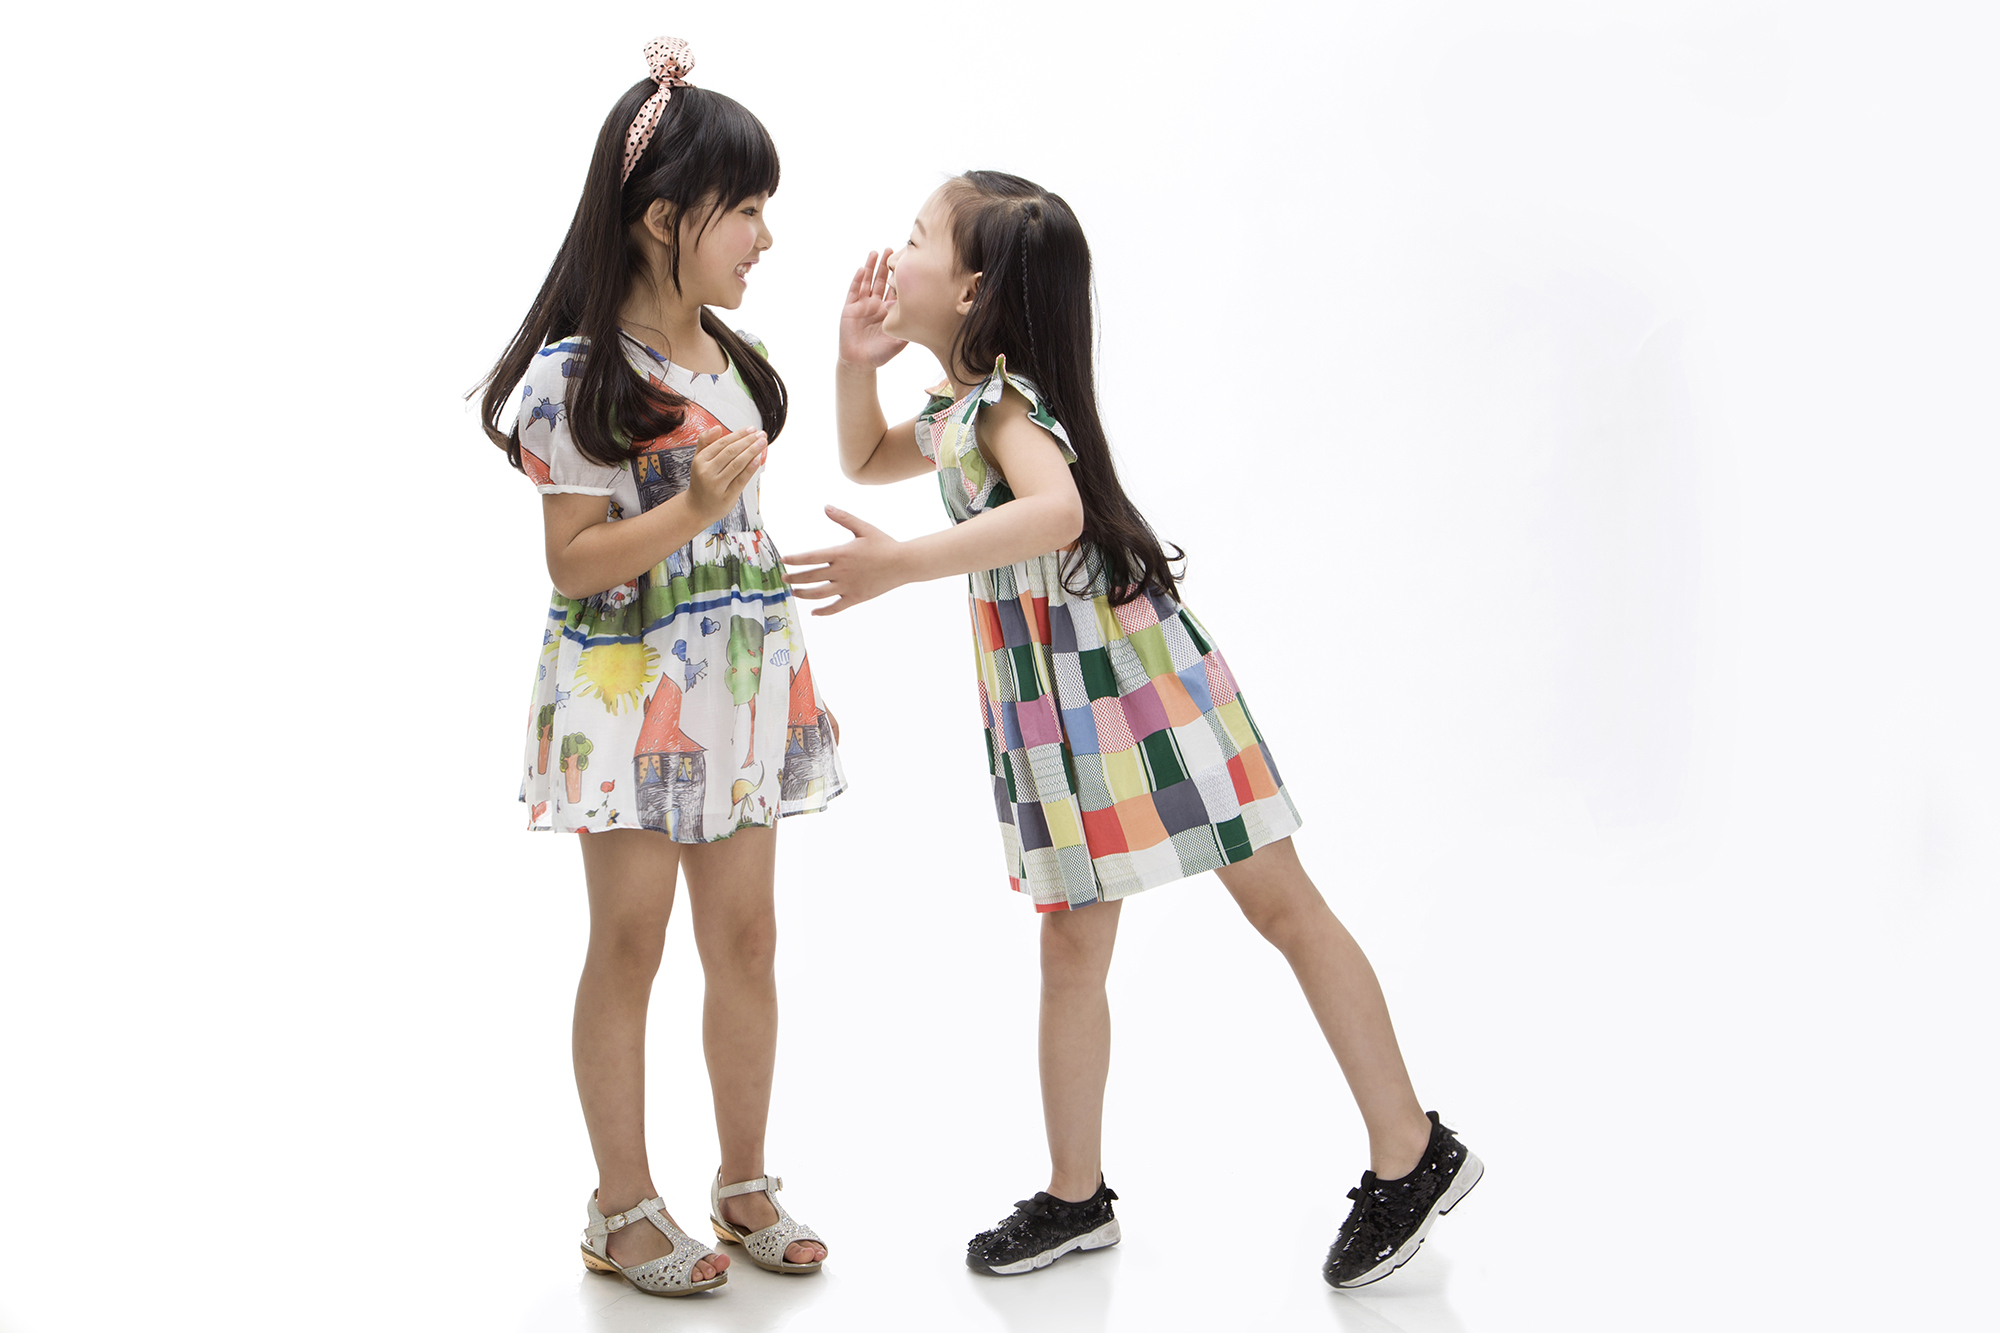 要不要让孩子学习儿童模特培训?聪明的爸妈都这样做